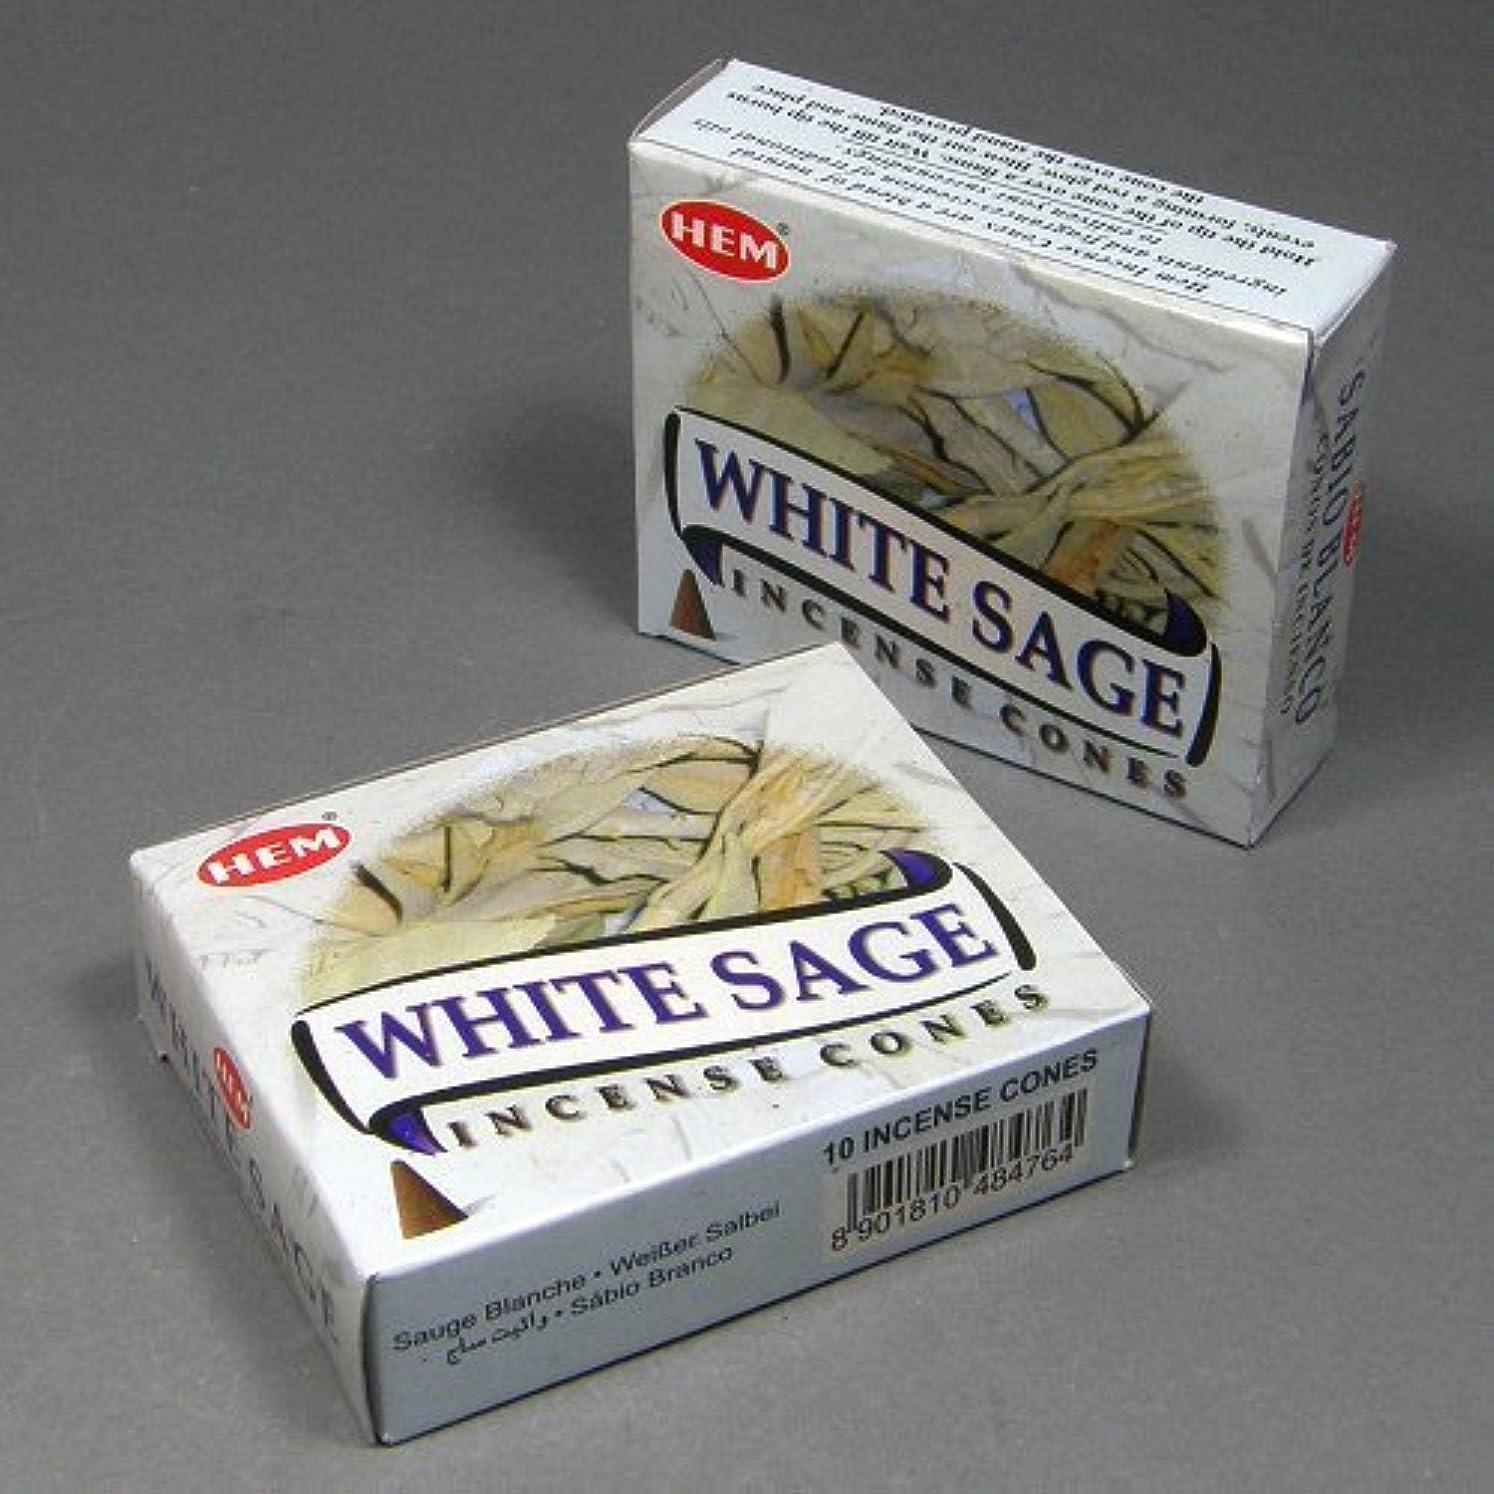 提供版カップルHemホワイトセージ香Dhoop Cones、10円錐のペアボックス